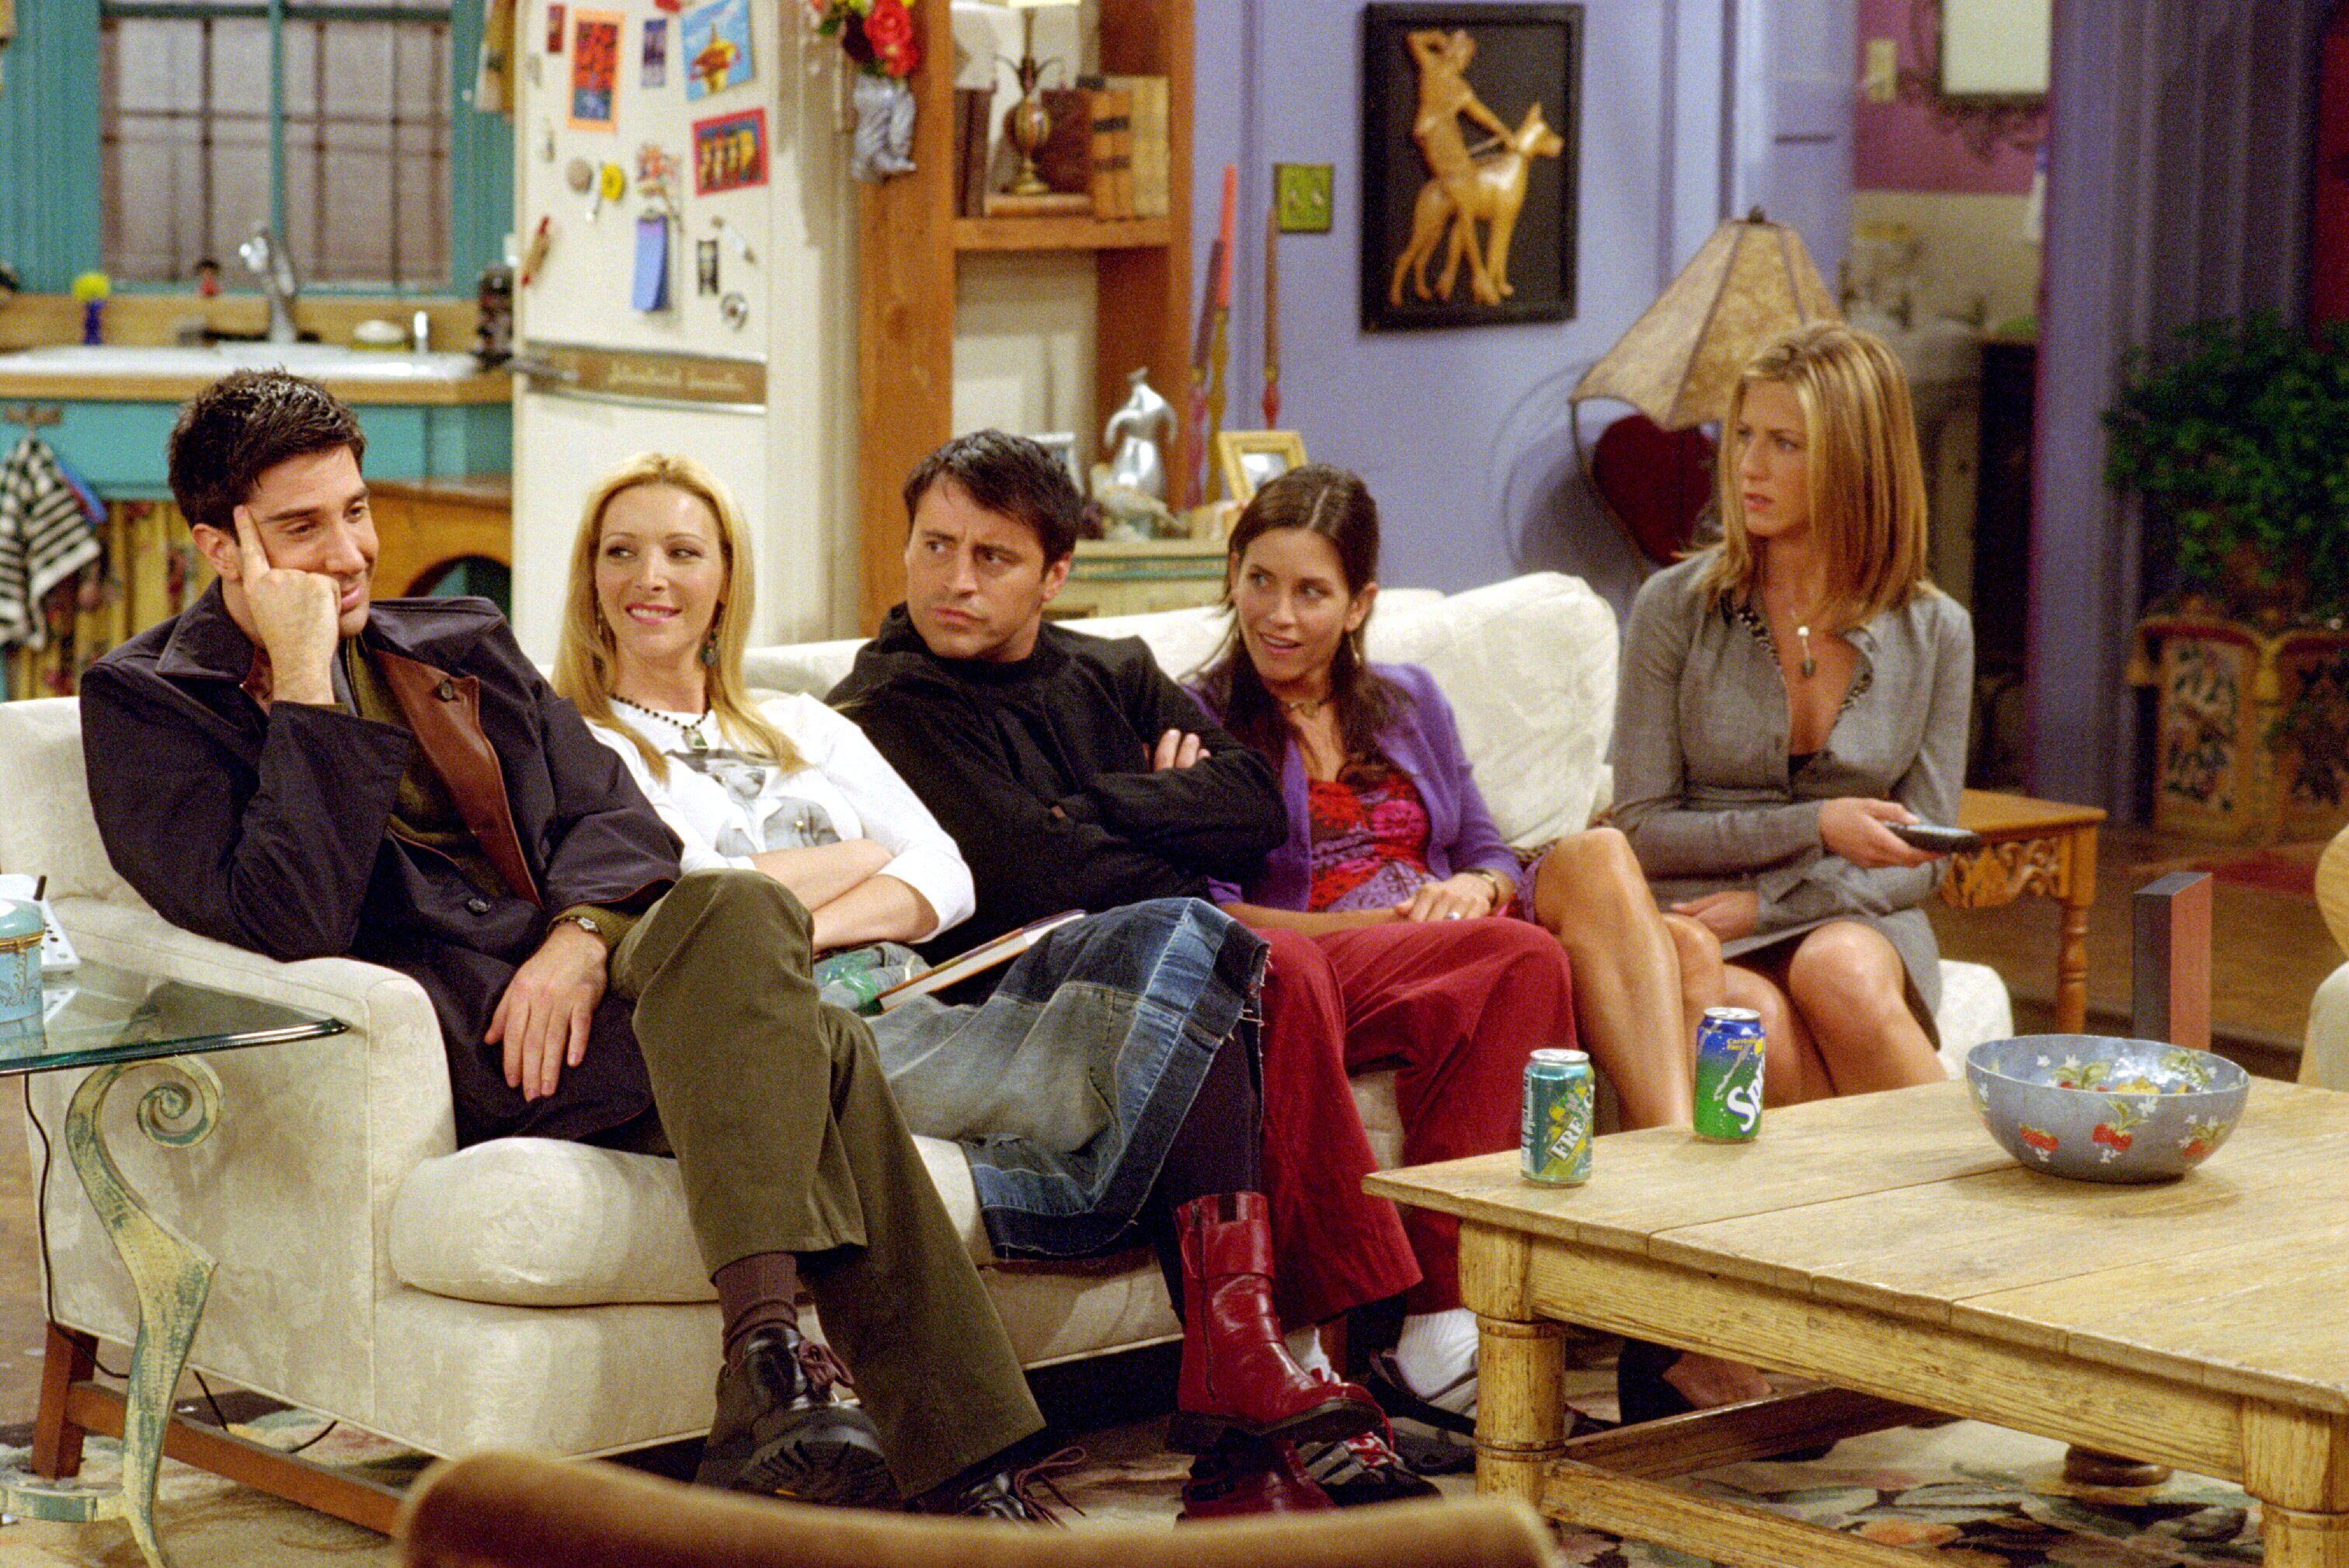 Ross ser väldigt nöjd ut. Kan det vara för att han sitter bredvid Regina Phalange och Ken Adams? Foto: Netflix.